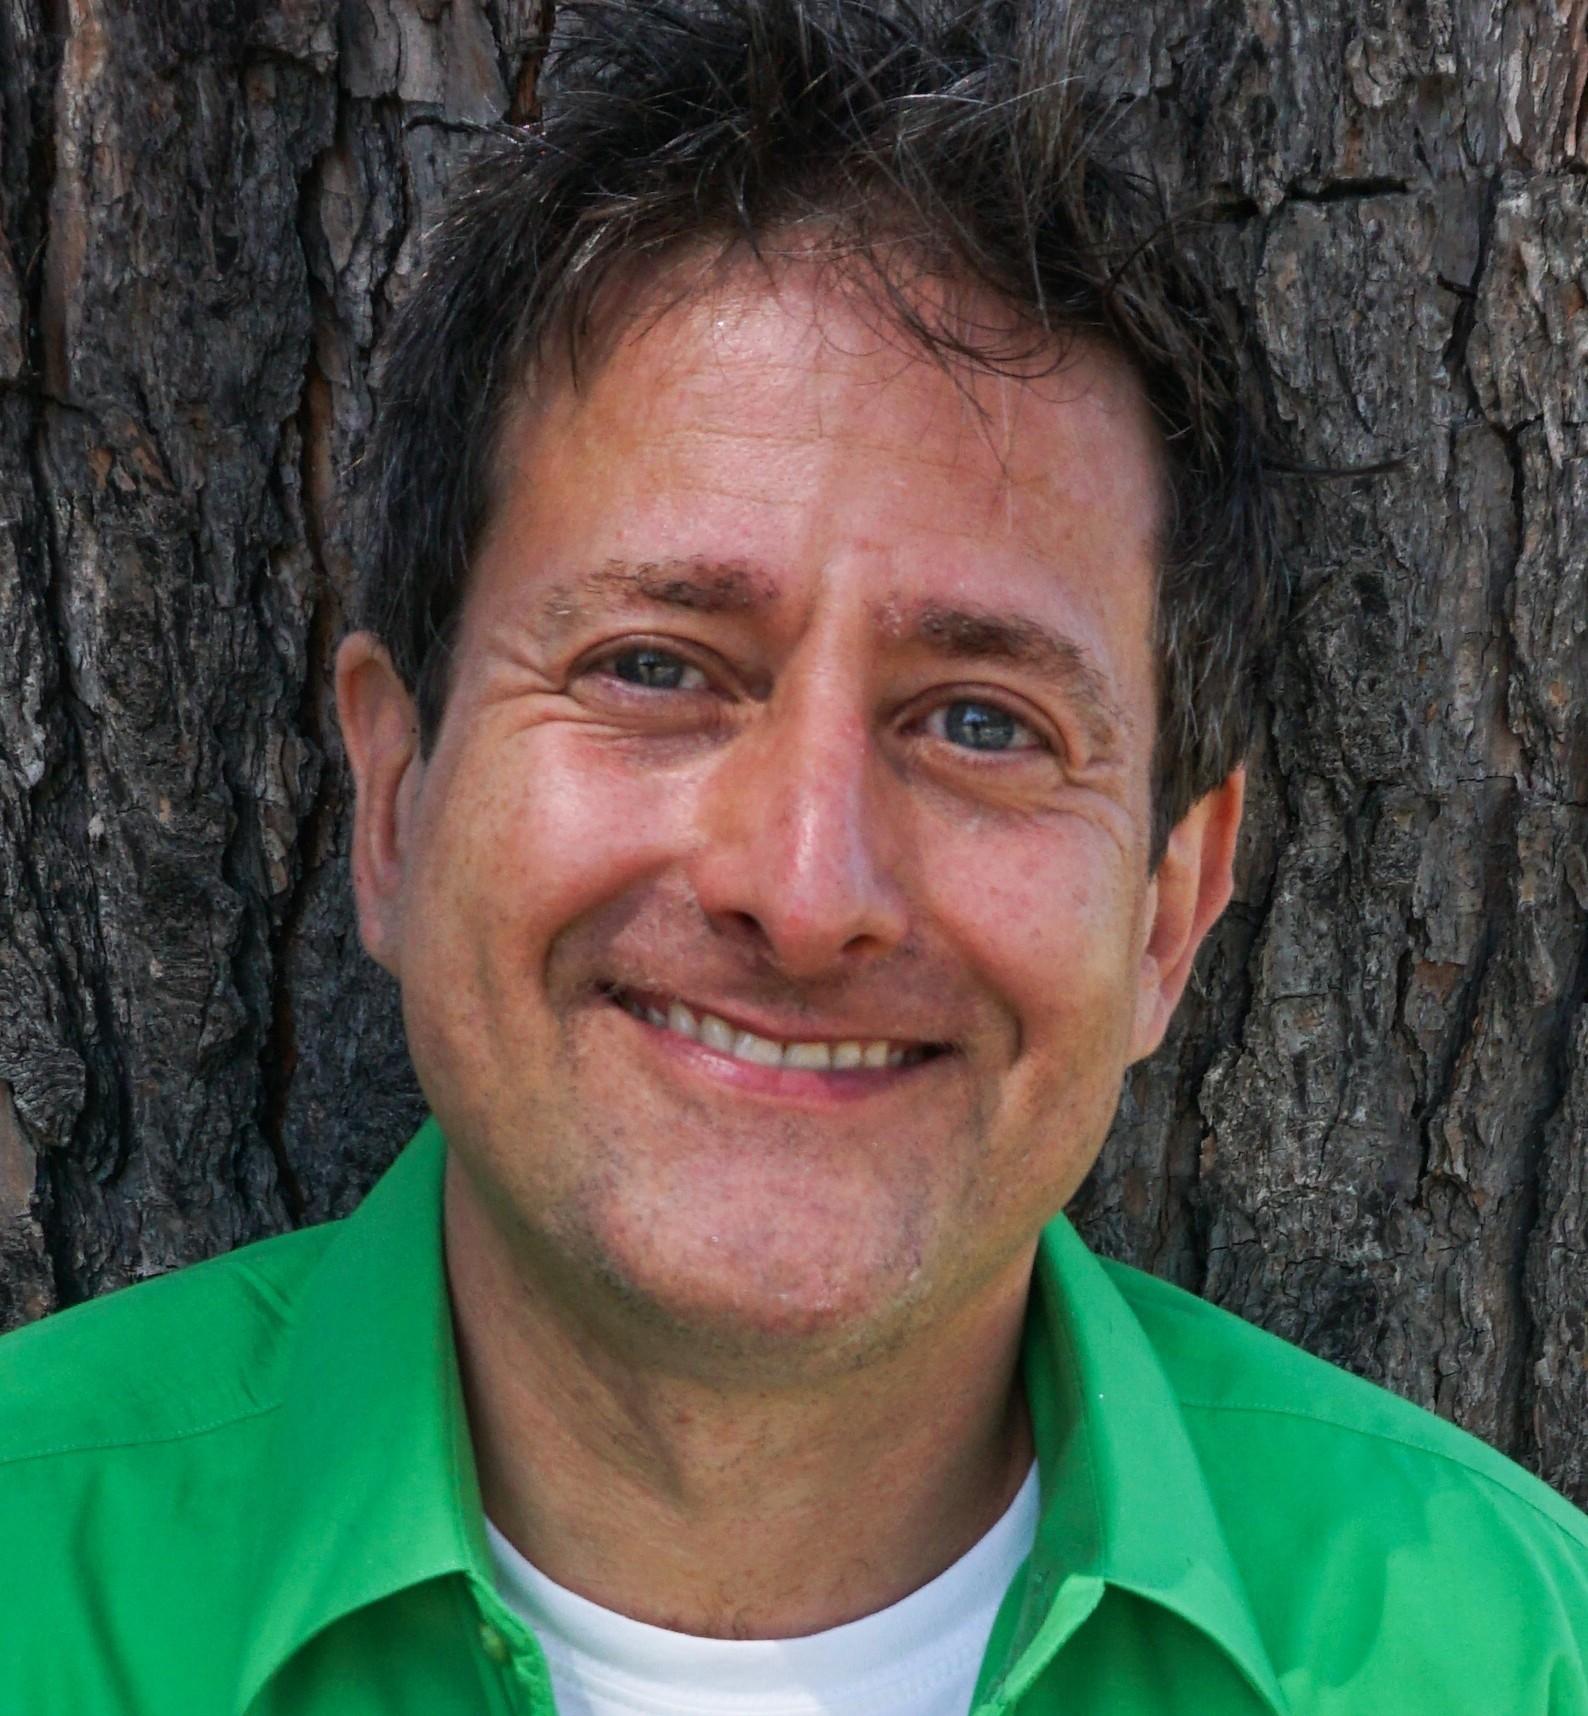 Corey Levitan